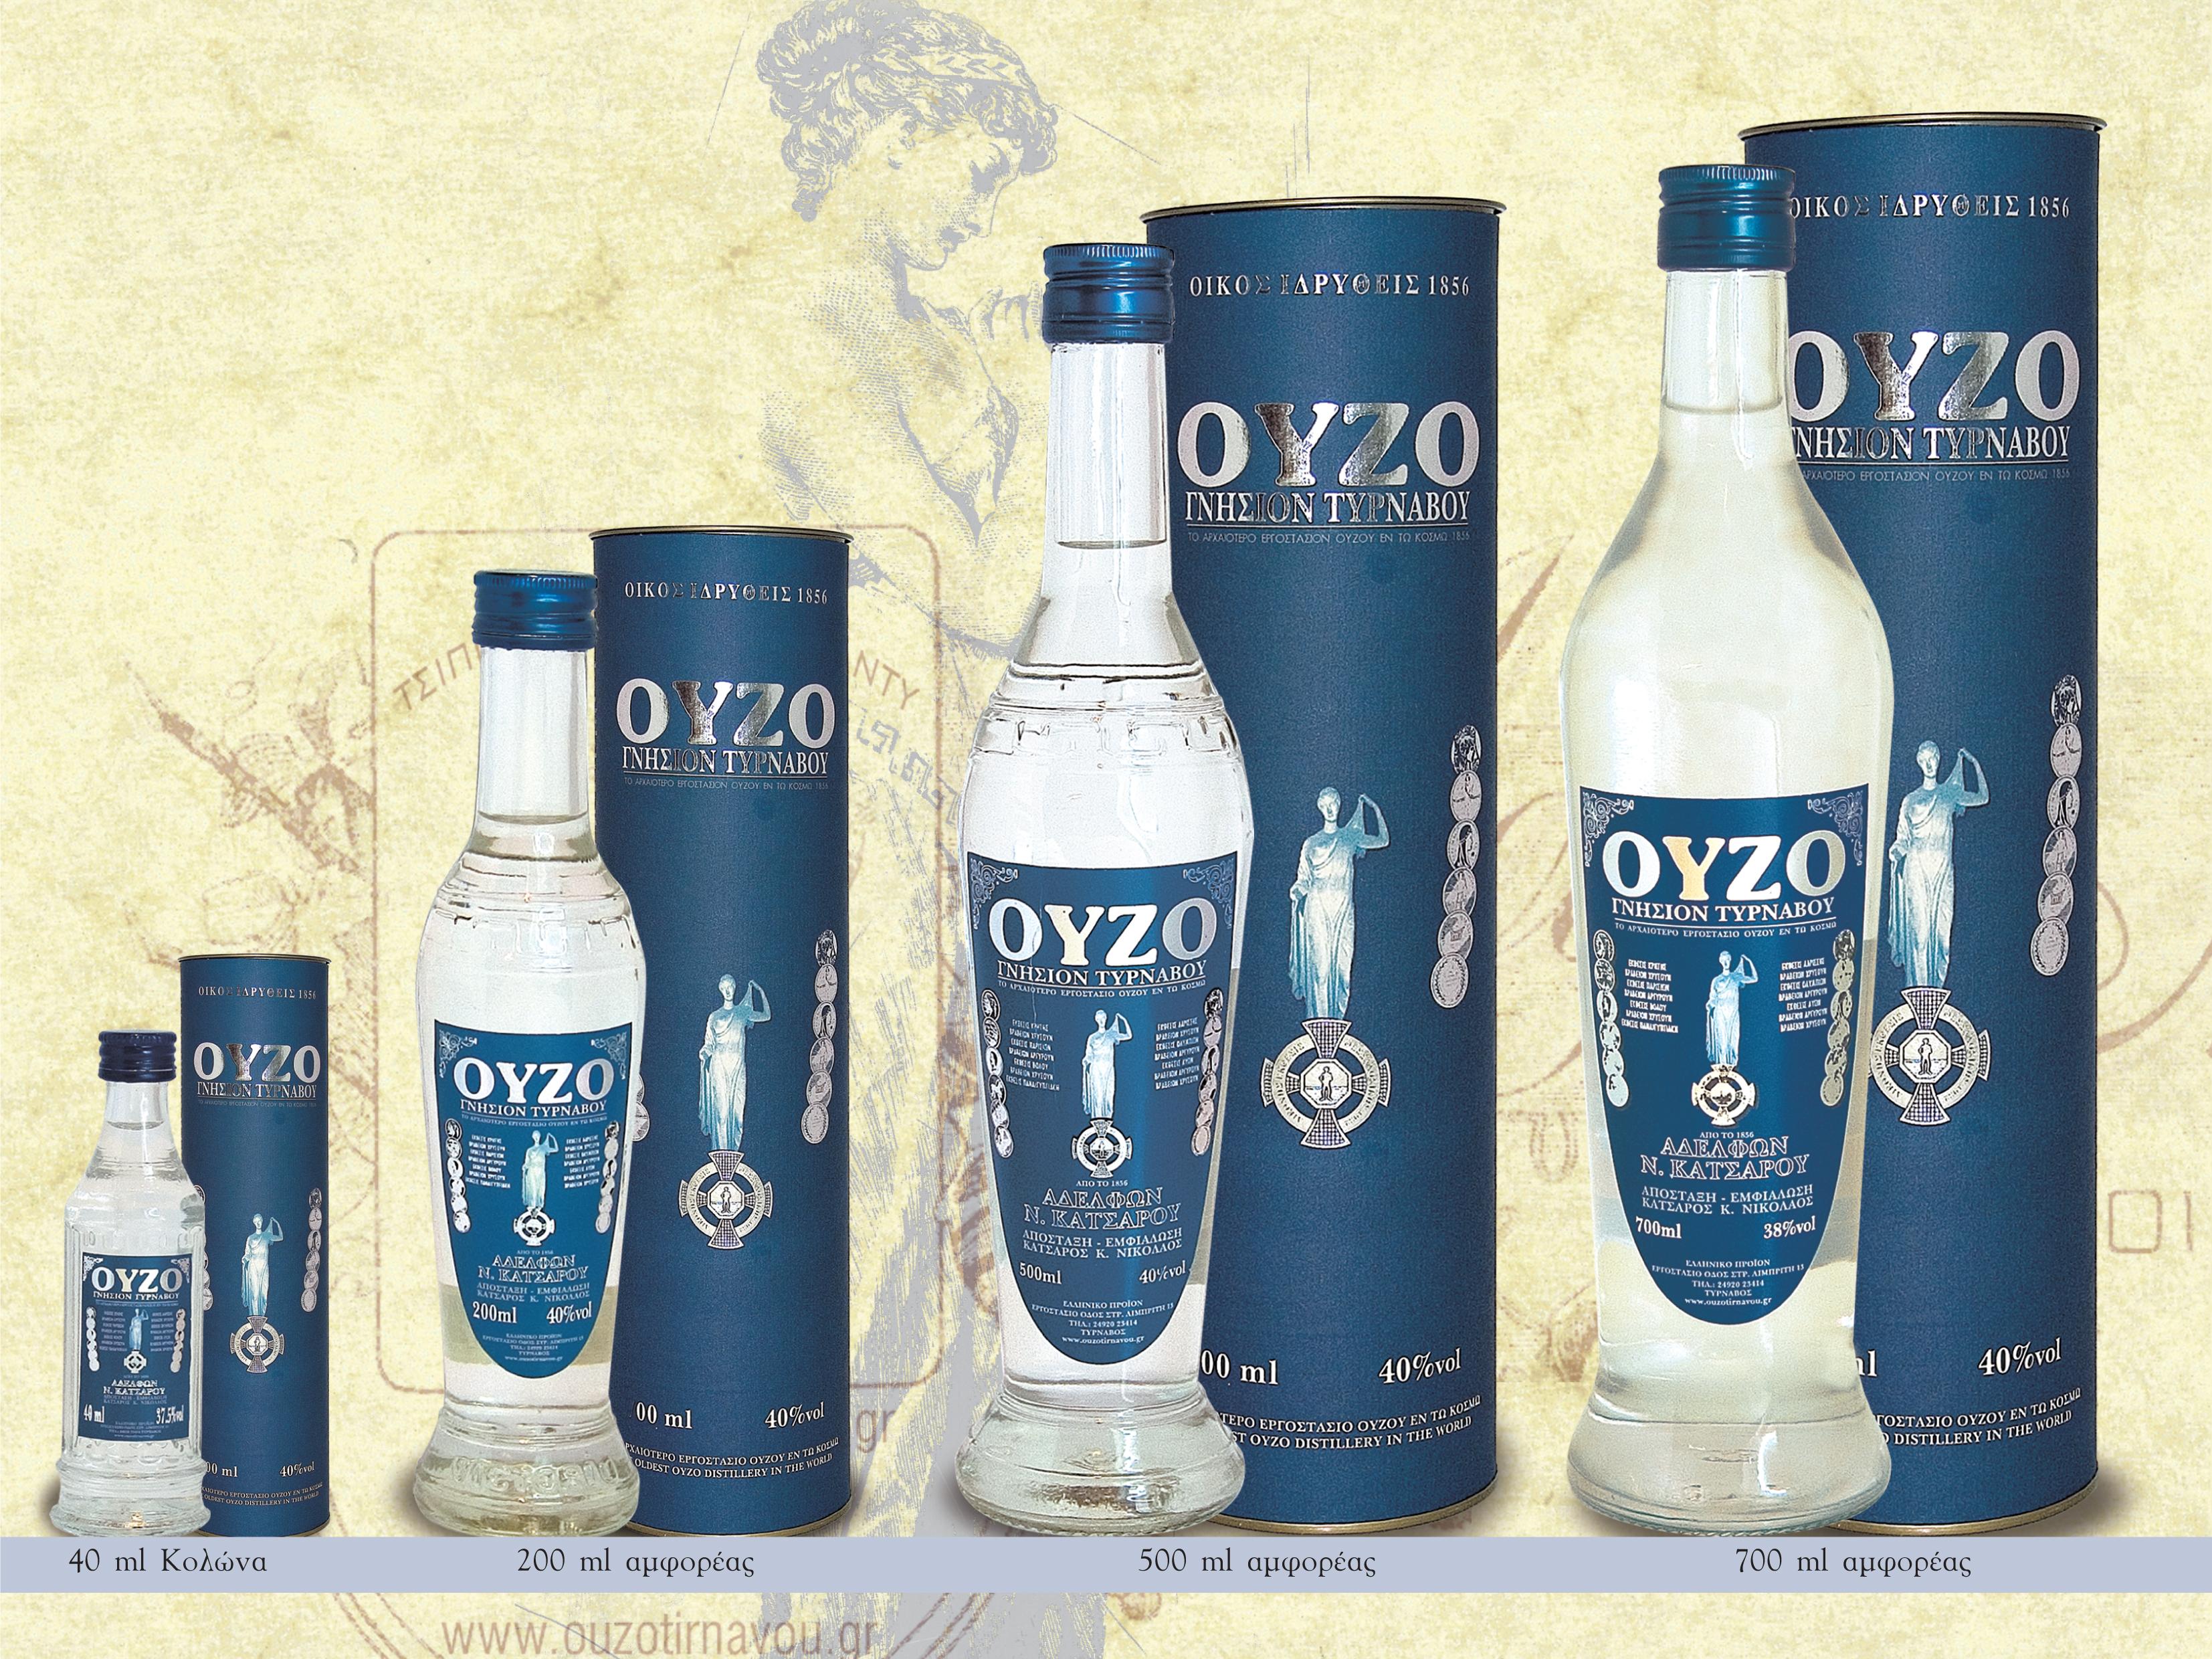 Link to Увеличава ли добавянето на вода Девин към узо Паралилия продажбите на гръцкото питие?